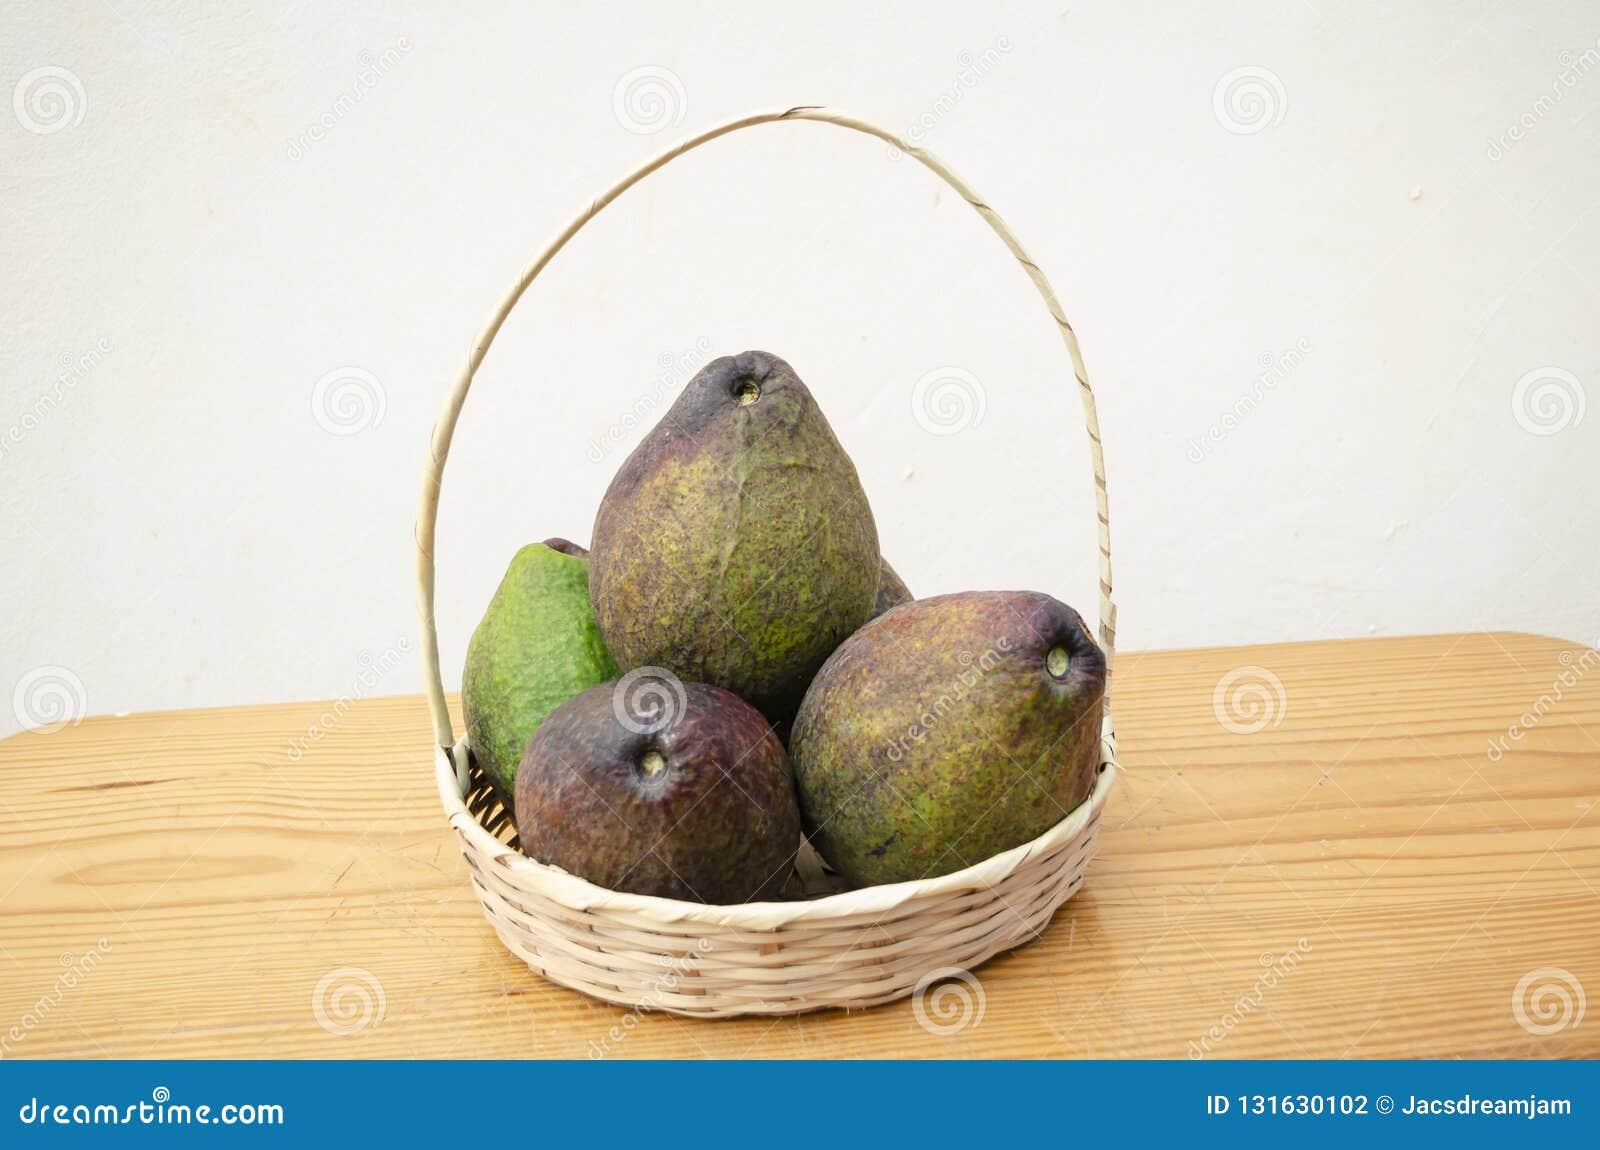 Vide- korg som fylls med avokadon